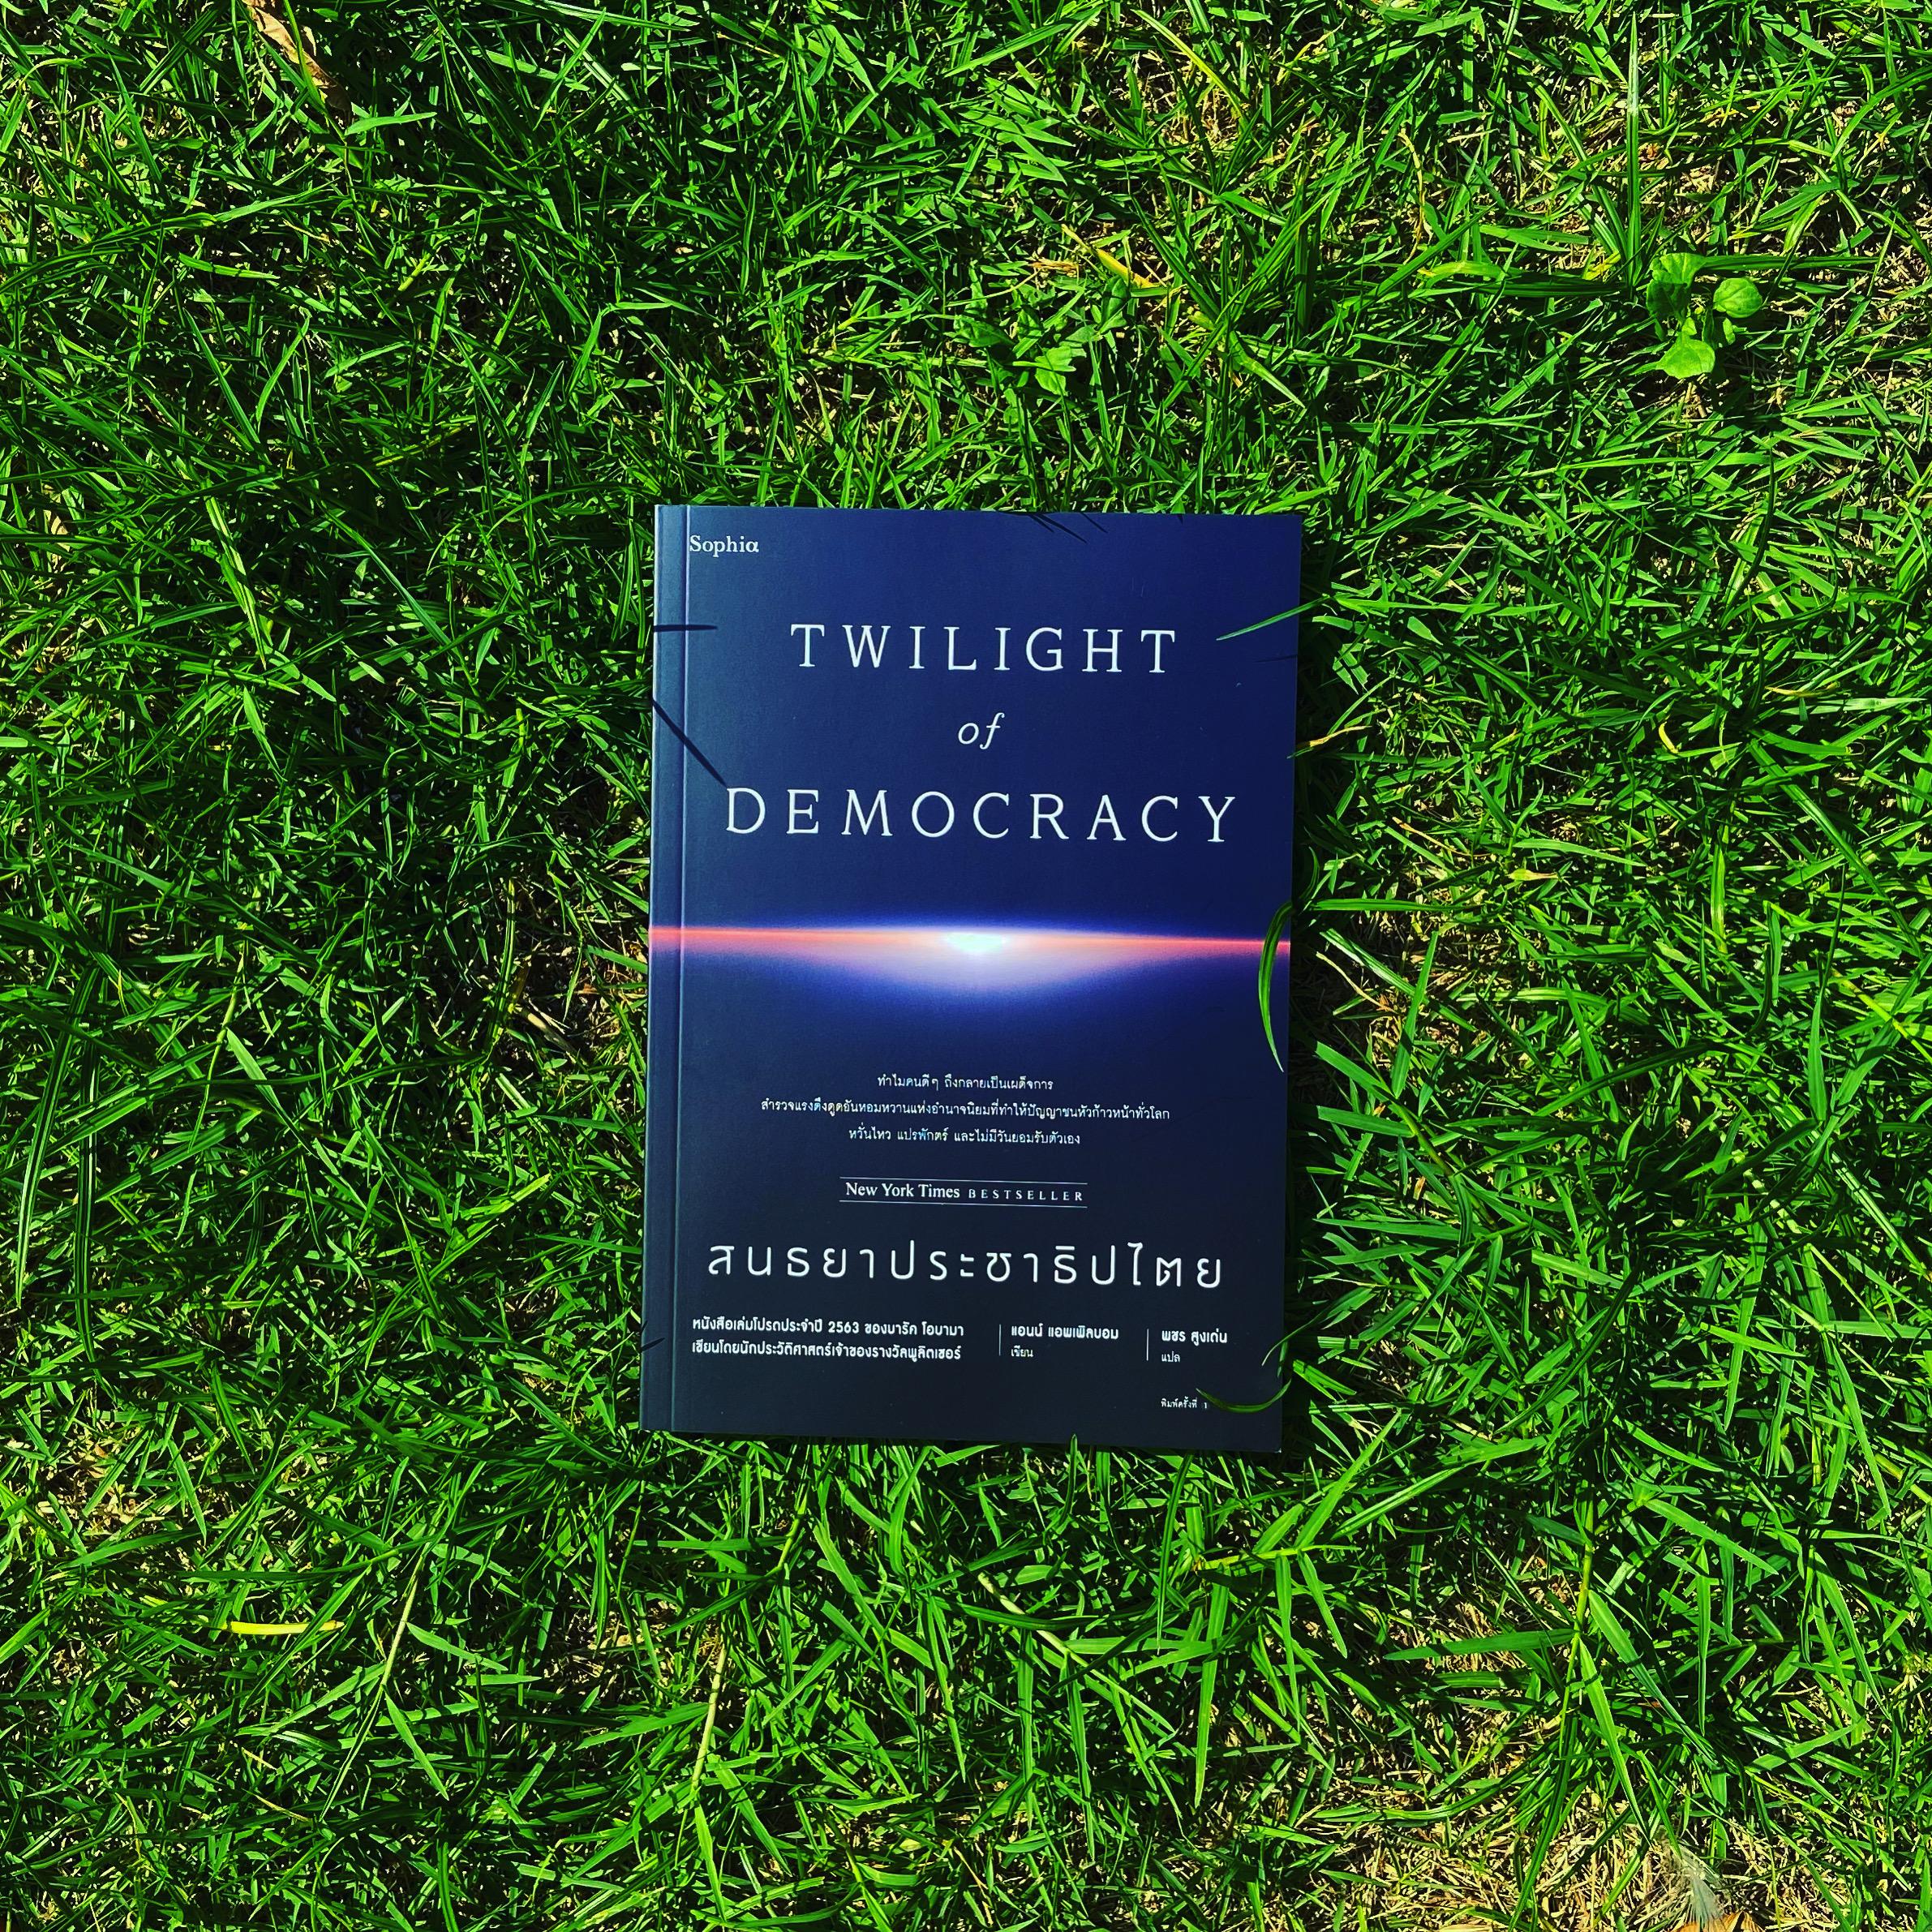 สรุปหนังสือ Twilight of Democracy สนธยาประชาธิปไตยทำไมคนดีๆ ถึงกลายเป็นเผด็จการ สำรวจแรงดึงดูดอันหอมหวานแห่งอำนาจนิยม สำนักพิมพ์ Sophia